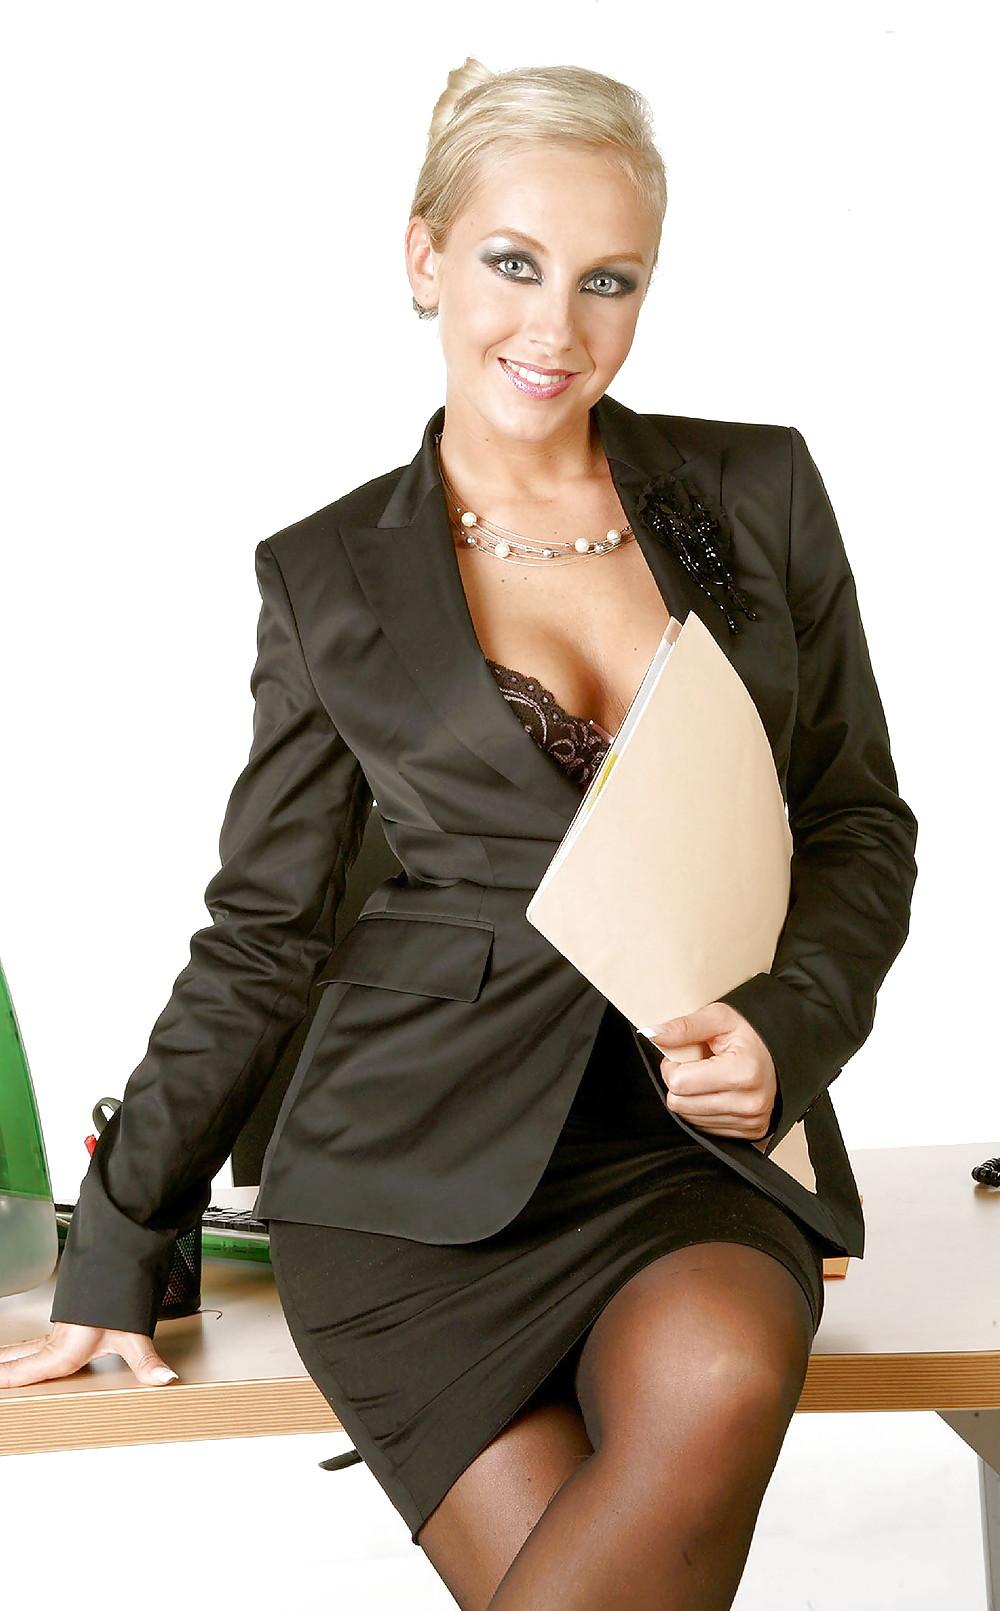 Трахают фото эротика бизнес леди